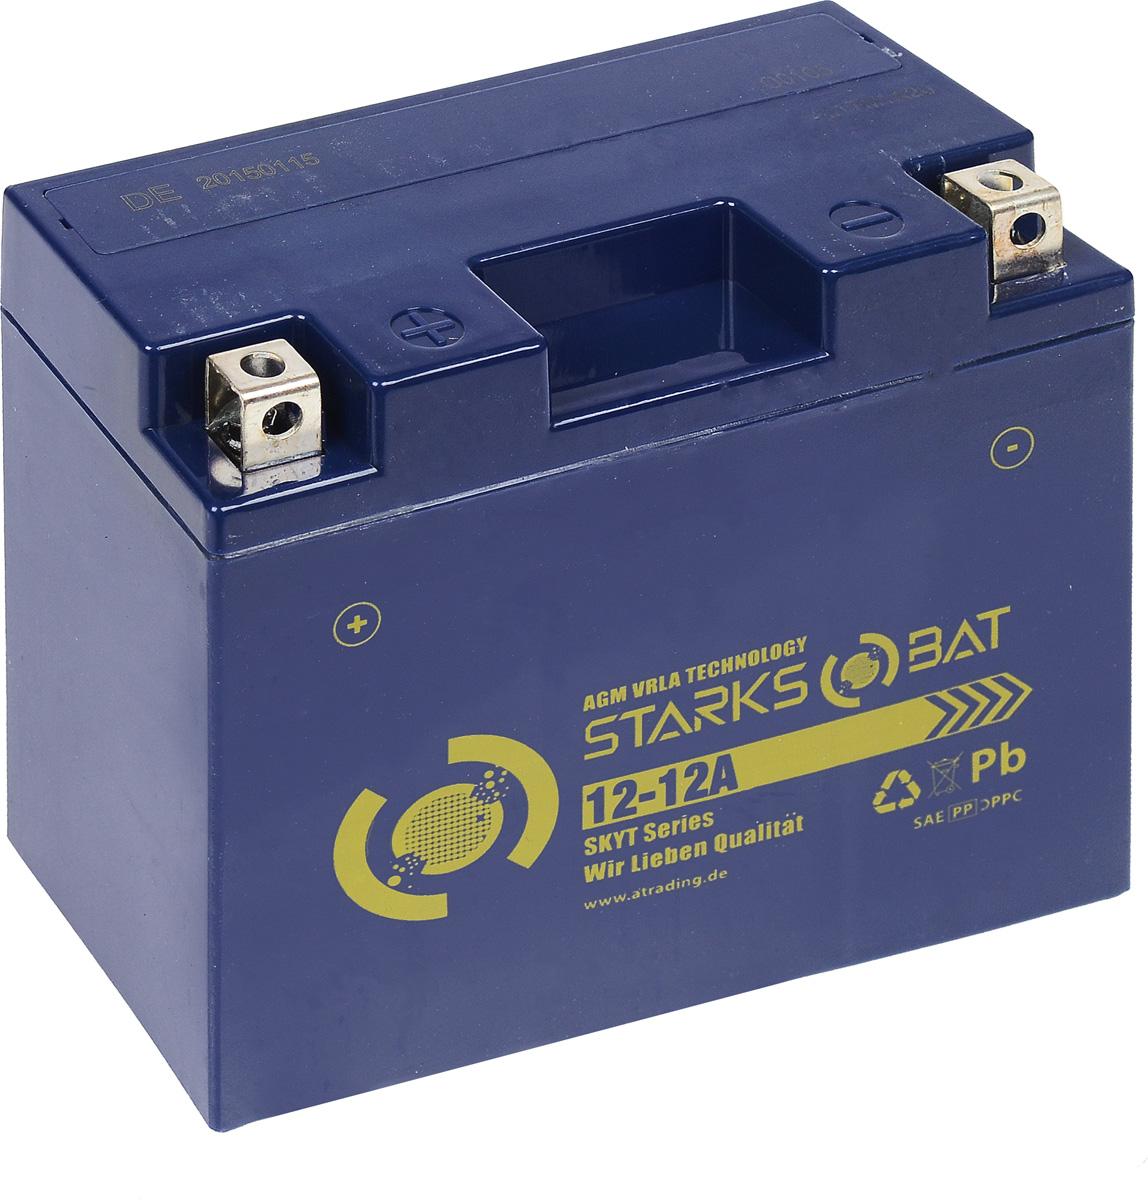 Батарея аккумуляторная для мотоциклов Starksbat. YT 12-12A (YT12B-BS)YT 12-12AАккумулятор Starksbat изготовлен по технологии AGM, обеспечивающей повышенный уровень безопасности батареи и удобство ее эксплуатации. Корпус выполнен из особо ударопрочного и морозостойкого полипропилена. Аккумулятор блестяще доказал свои высокие эксплуатационные свойства в самых экстремальных условиях бездорожья, высоких и низких температур. Аккумуляторная батарея Starksbat производится под знаменитым немецким контролем качества, что обеспечивает ему высокие пусковые характеристики и восстановление емкости даже после глубокого разряда. Напряжение: 12 В. Емкость: 12 Ач. Полярность: прямая (+ -). Ток холодной прокрутки: 155 Аh (EN).